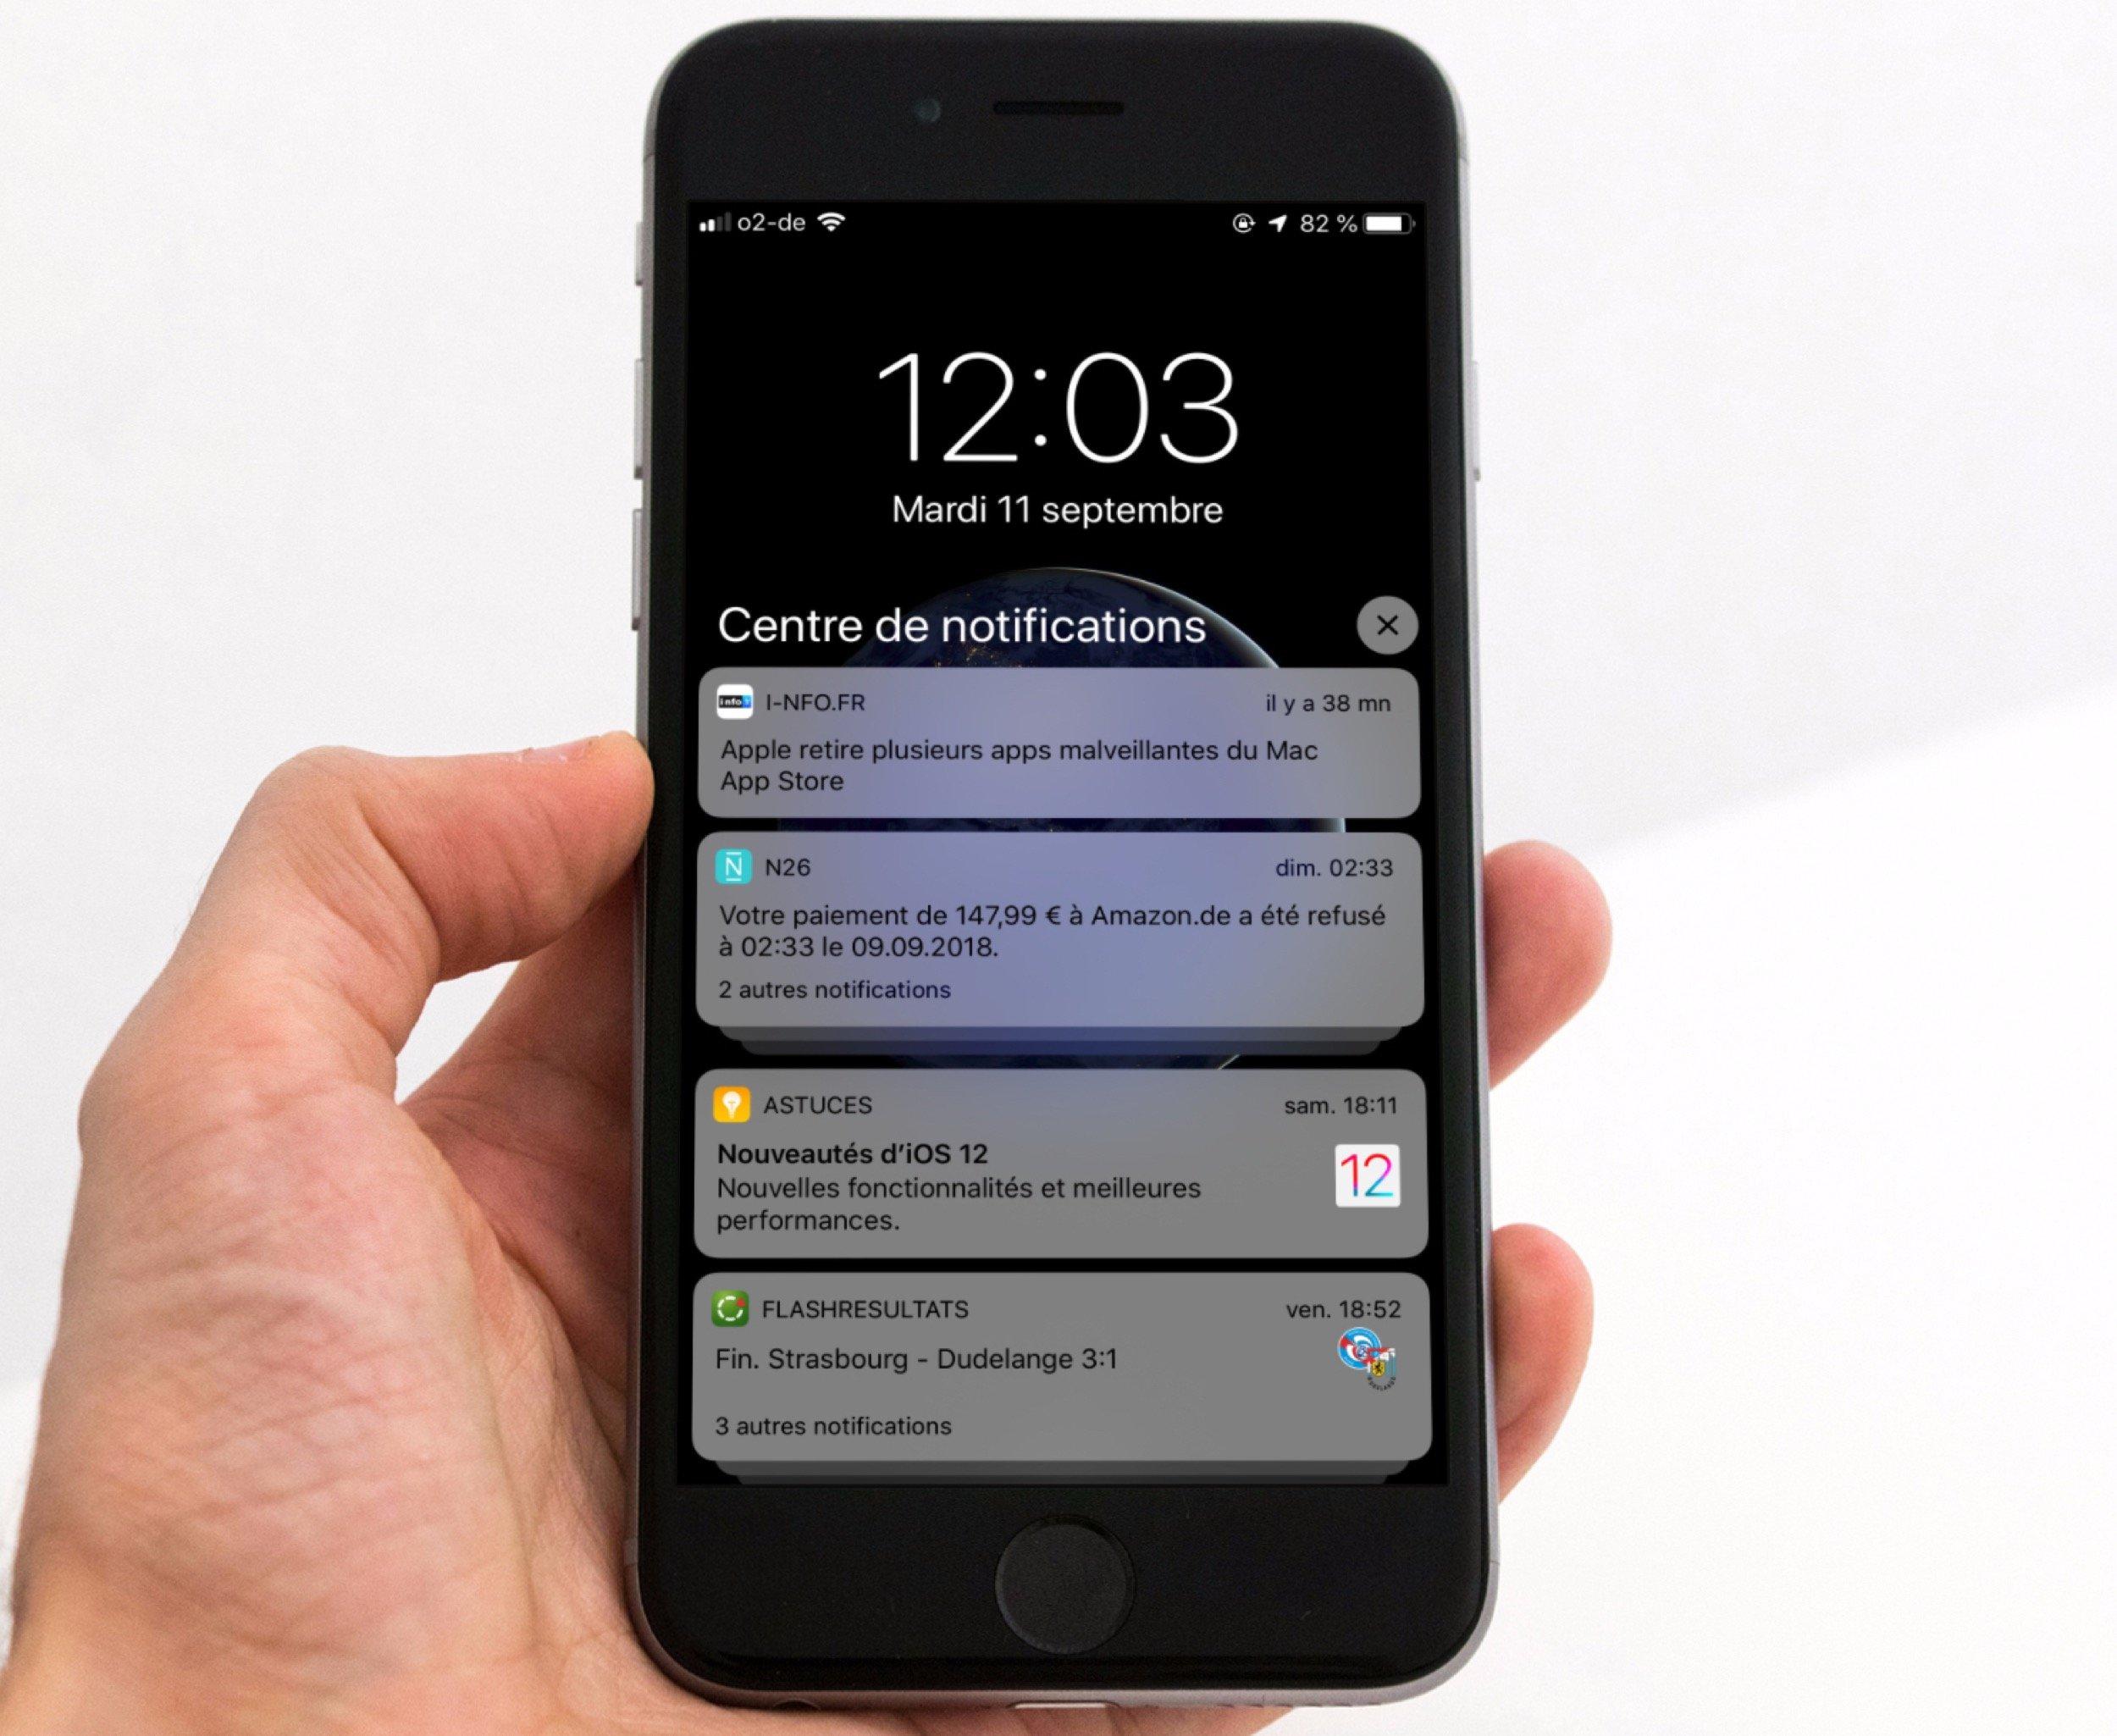 Tout ce qui change pour les notifications avec iOS 12 (MàJ ajout vidéo) 1